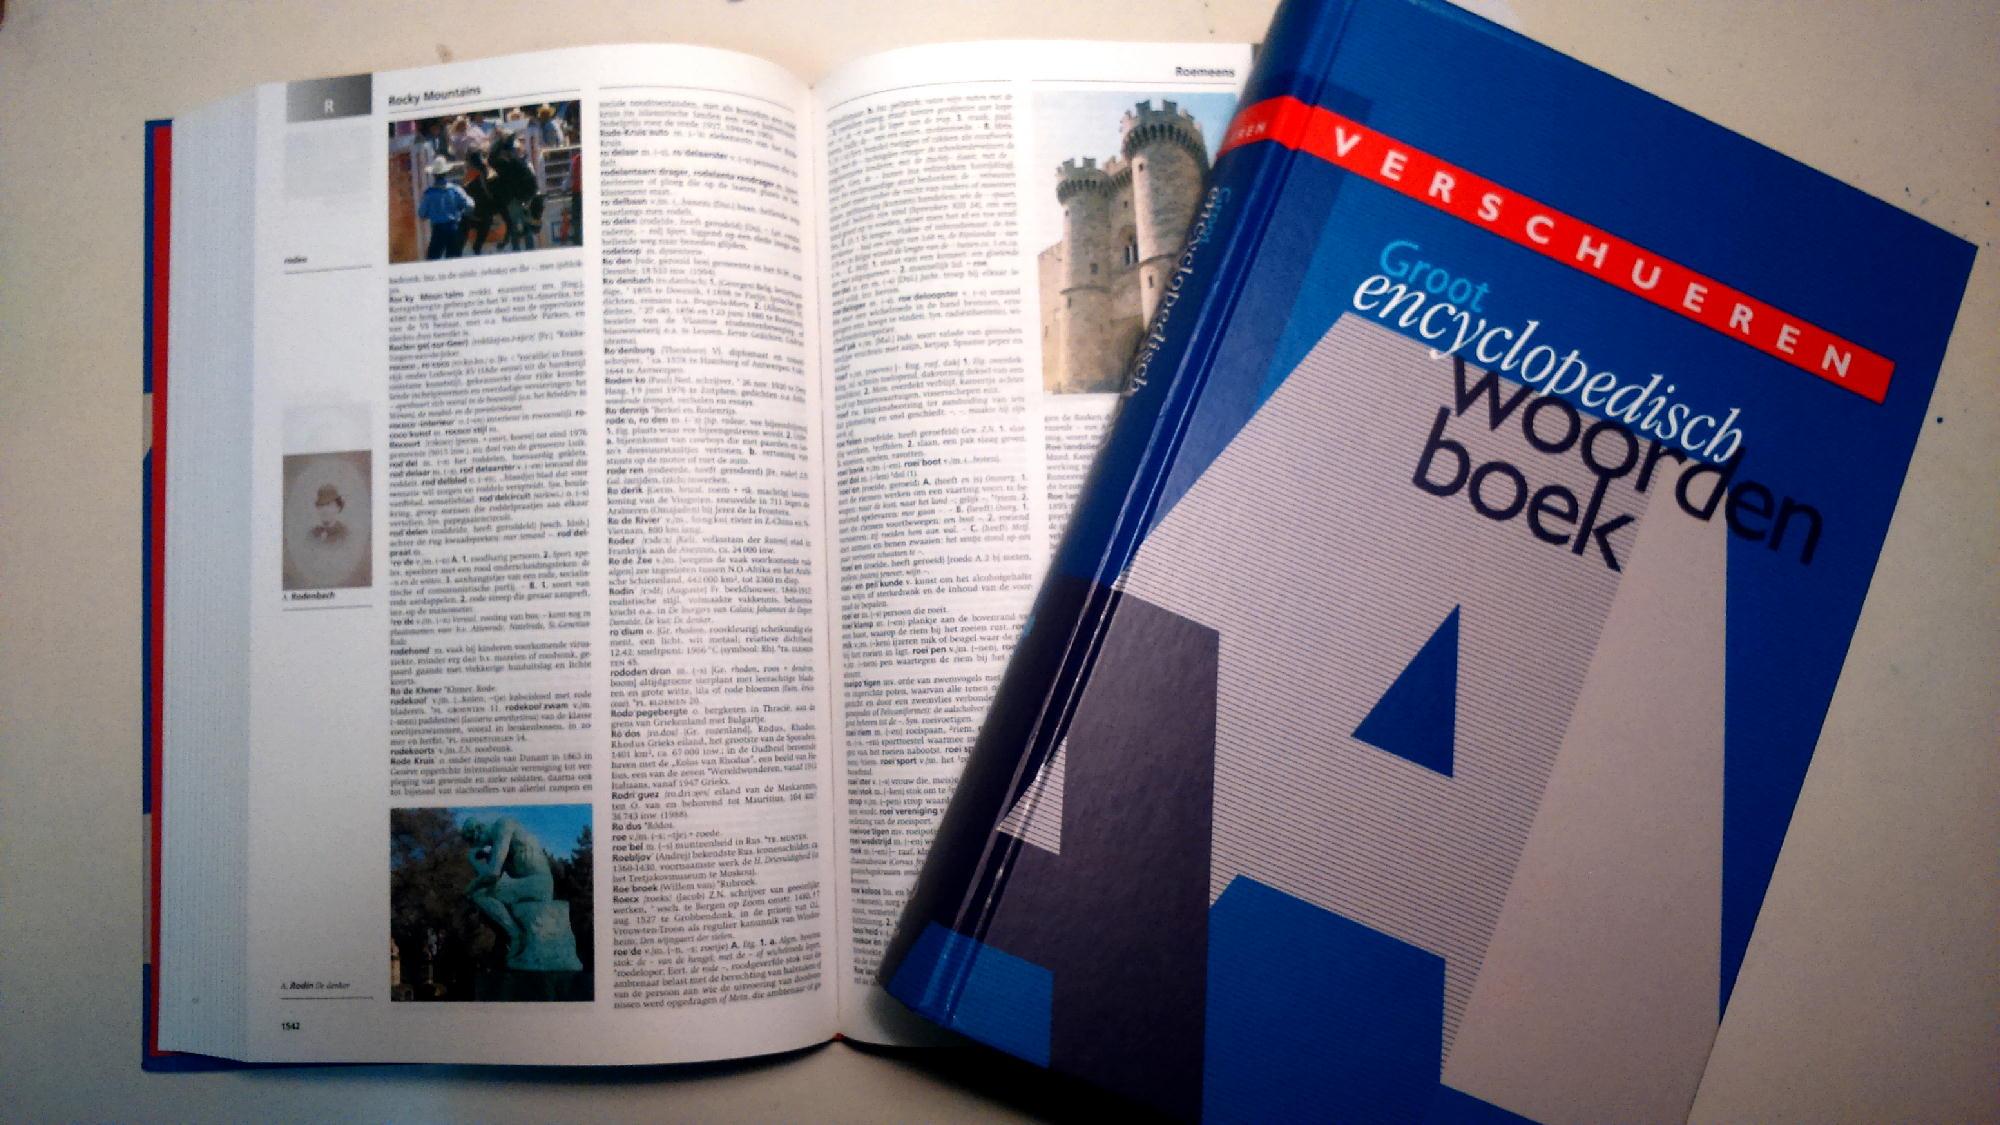 verschueren groot enclyclopedisch woordenboek